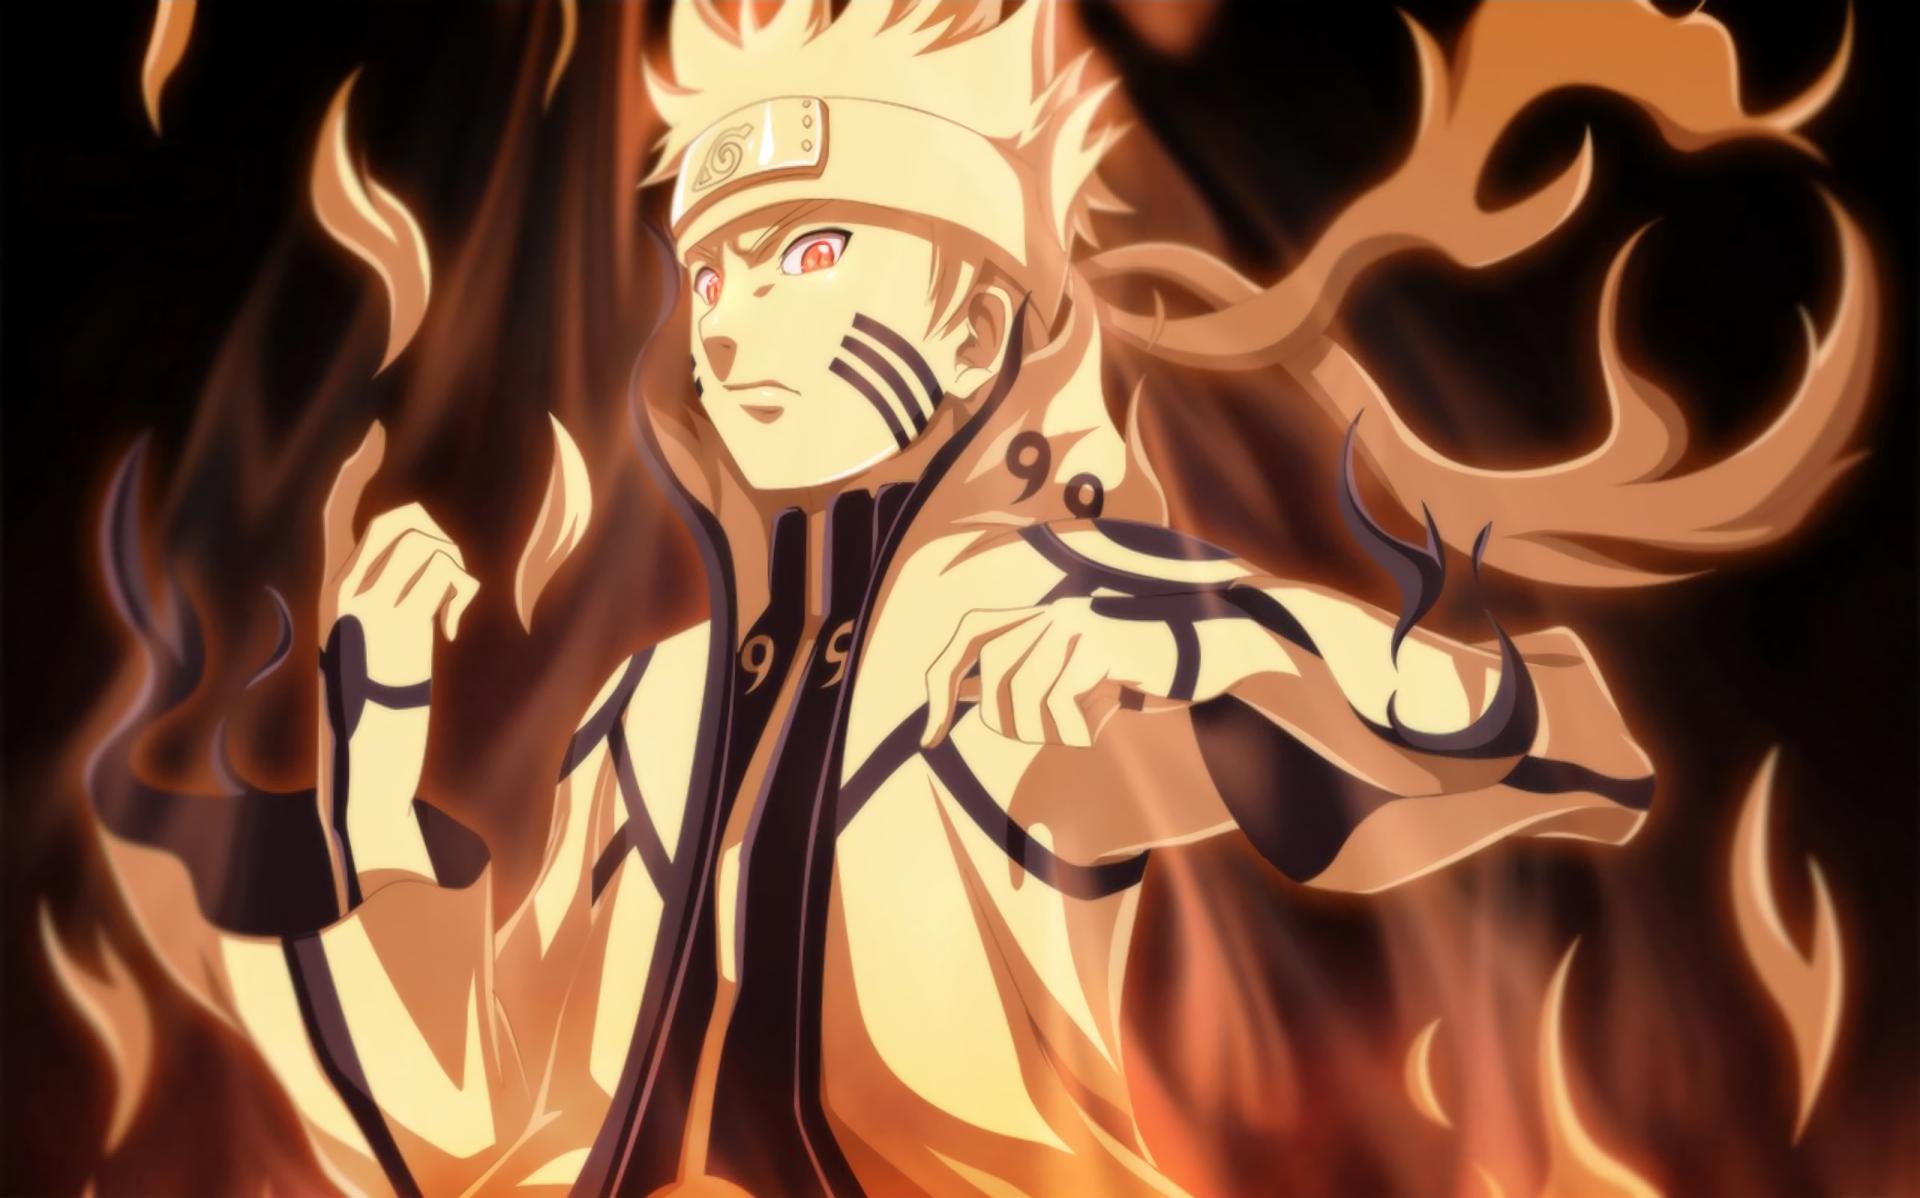 Naruto Bijuu Mode HD Wallpaper | Background Image ...  Naruto Bijuu Mode Wallpapers Hd